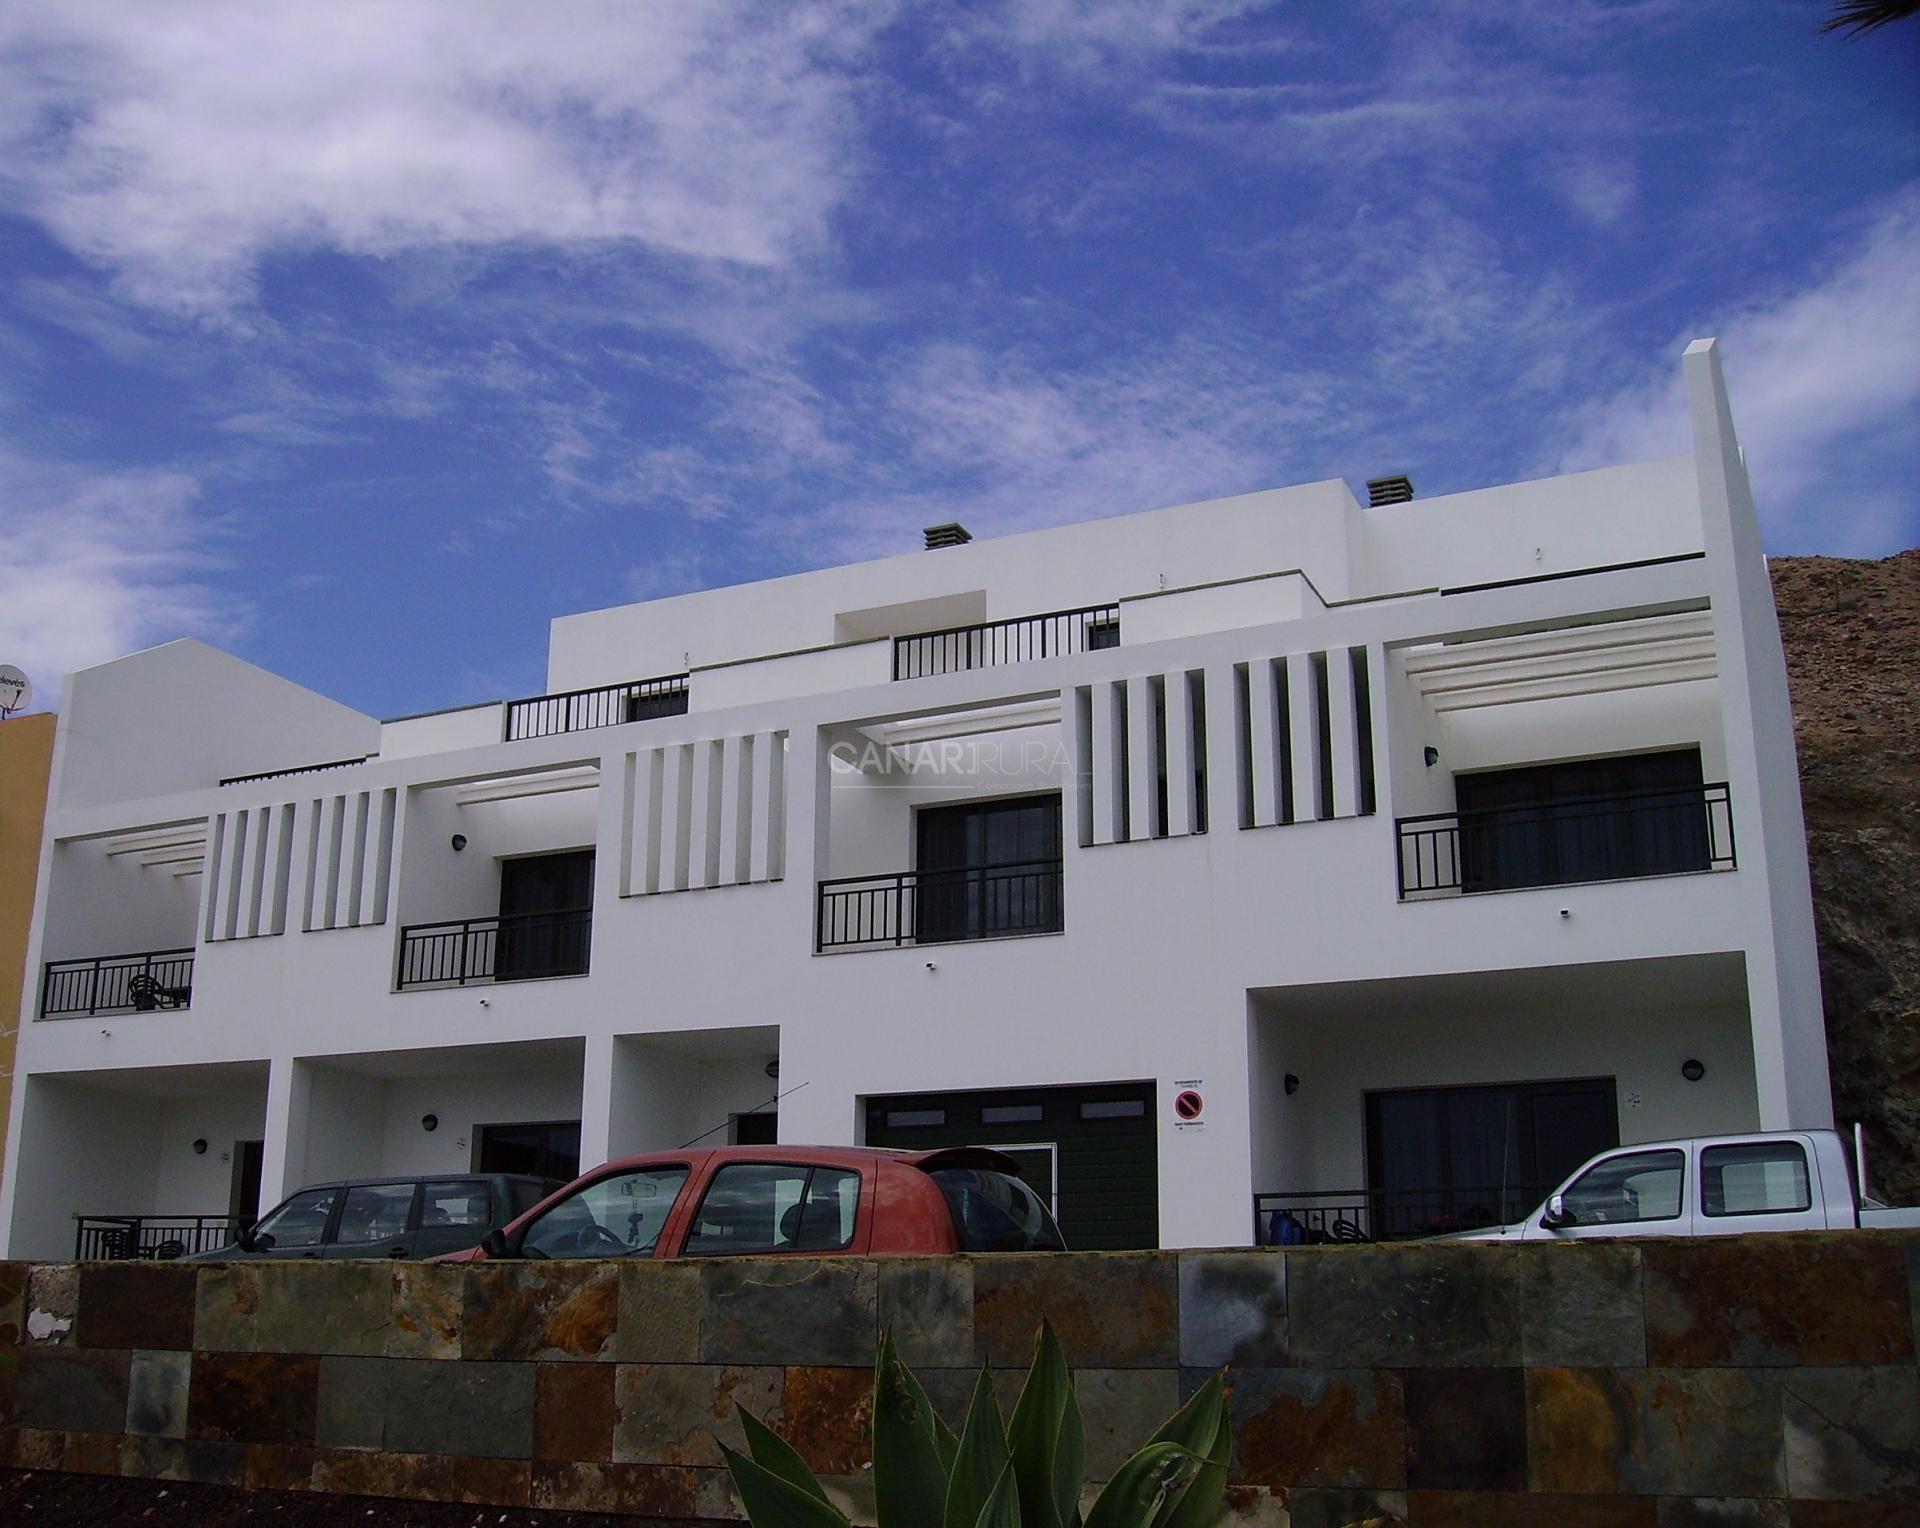 Apartamentos cala 2 dormitorios apartamentos en fuerteventura tuineje - Apartamentos baratos fuerteventura ...